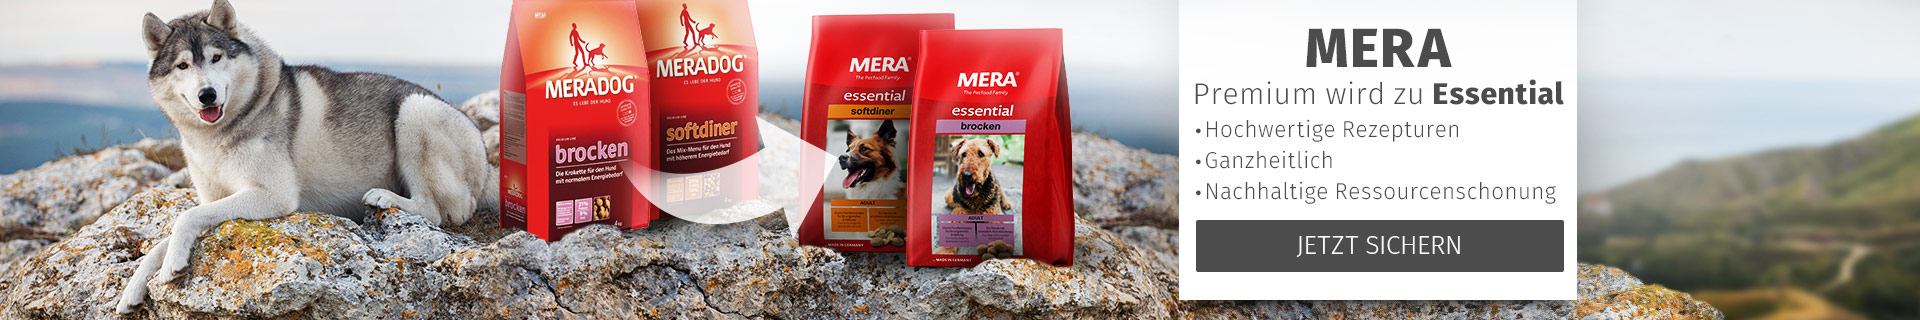 Mera Premium wird Essential